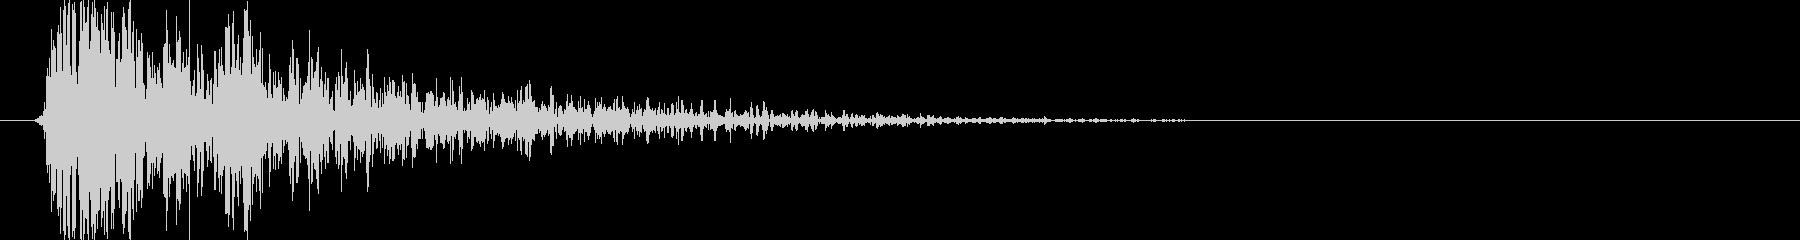 ボゥーッ↓(火器、シューティング)の未再生の波形